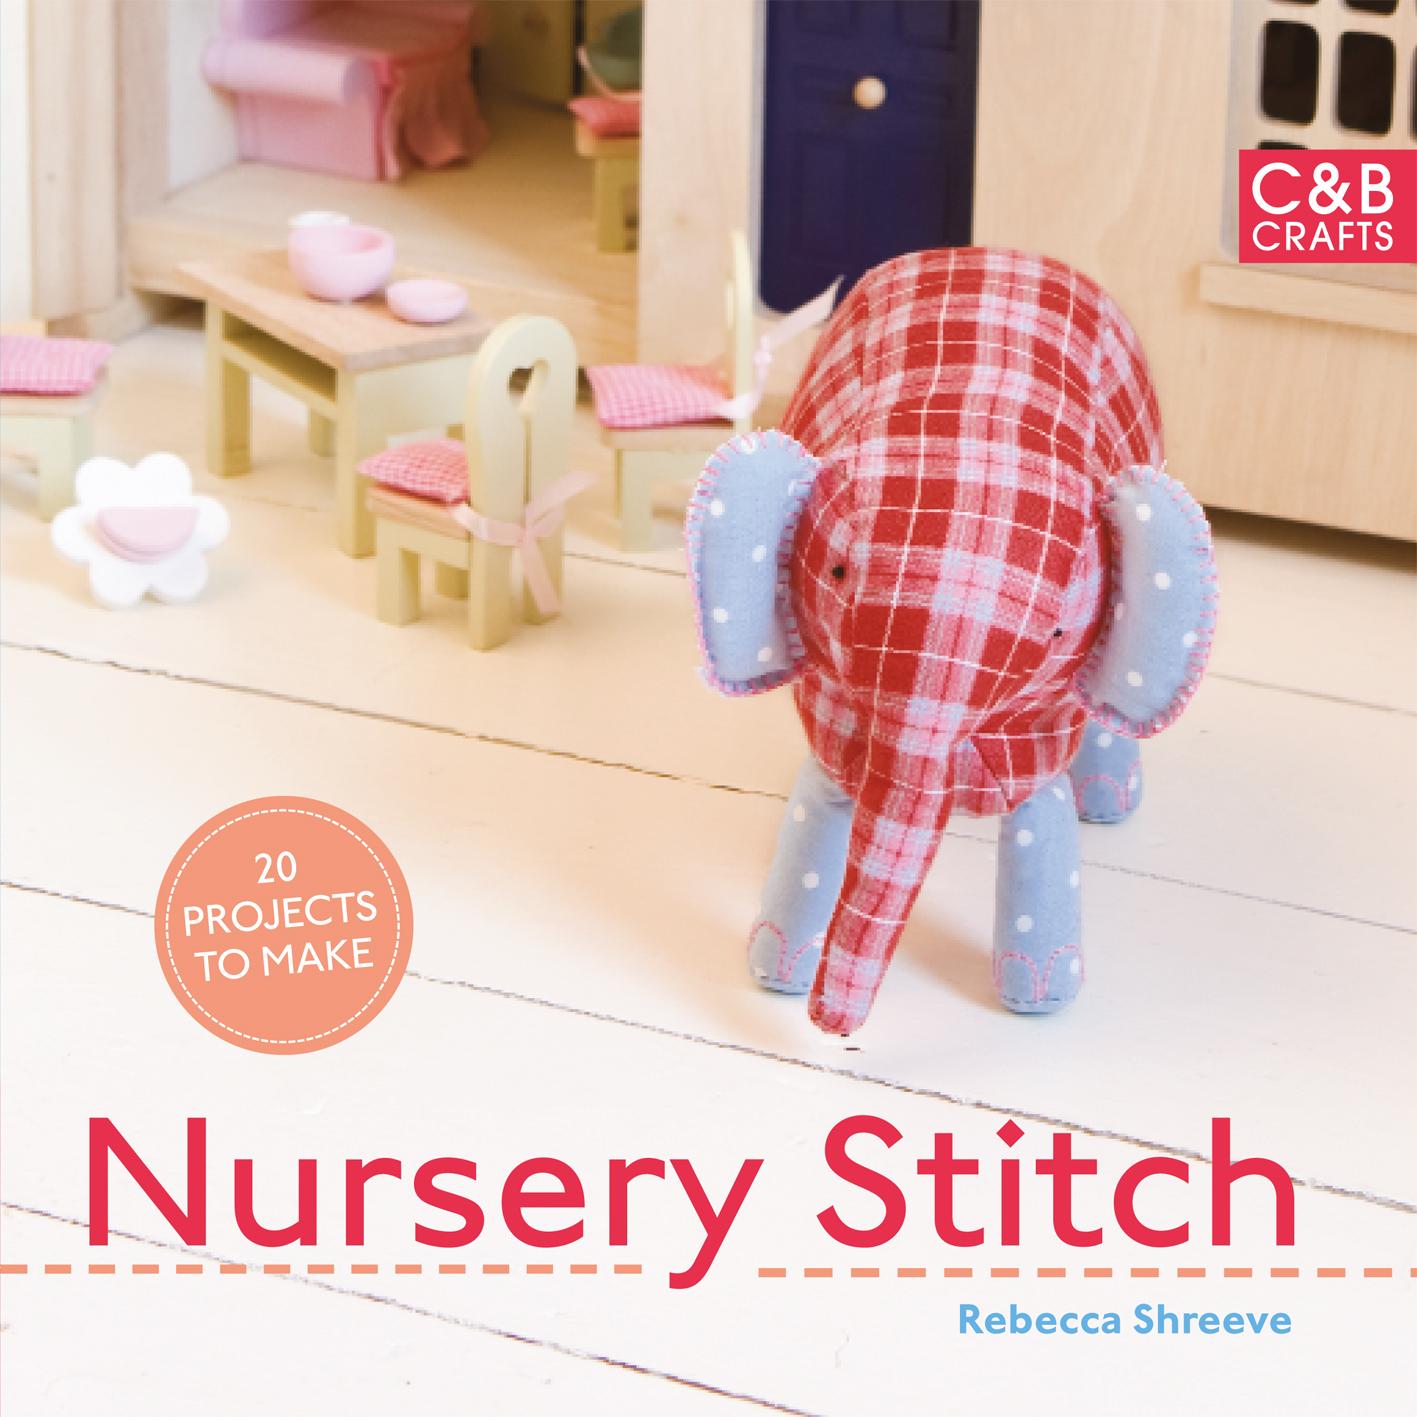 Nursery Stitch